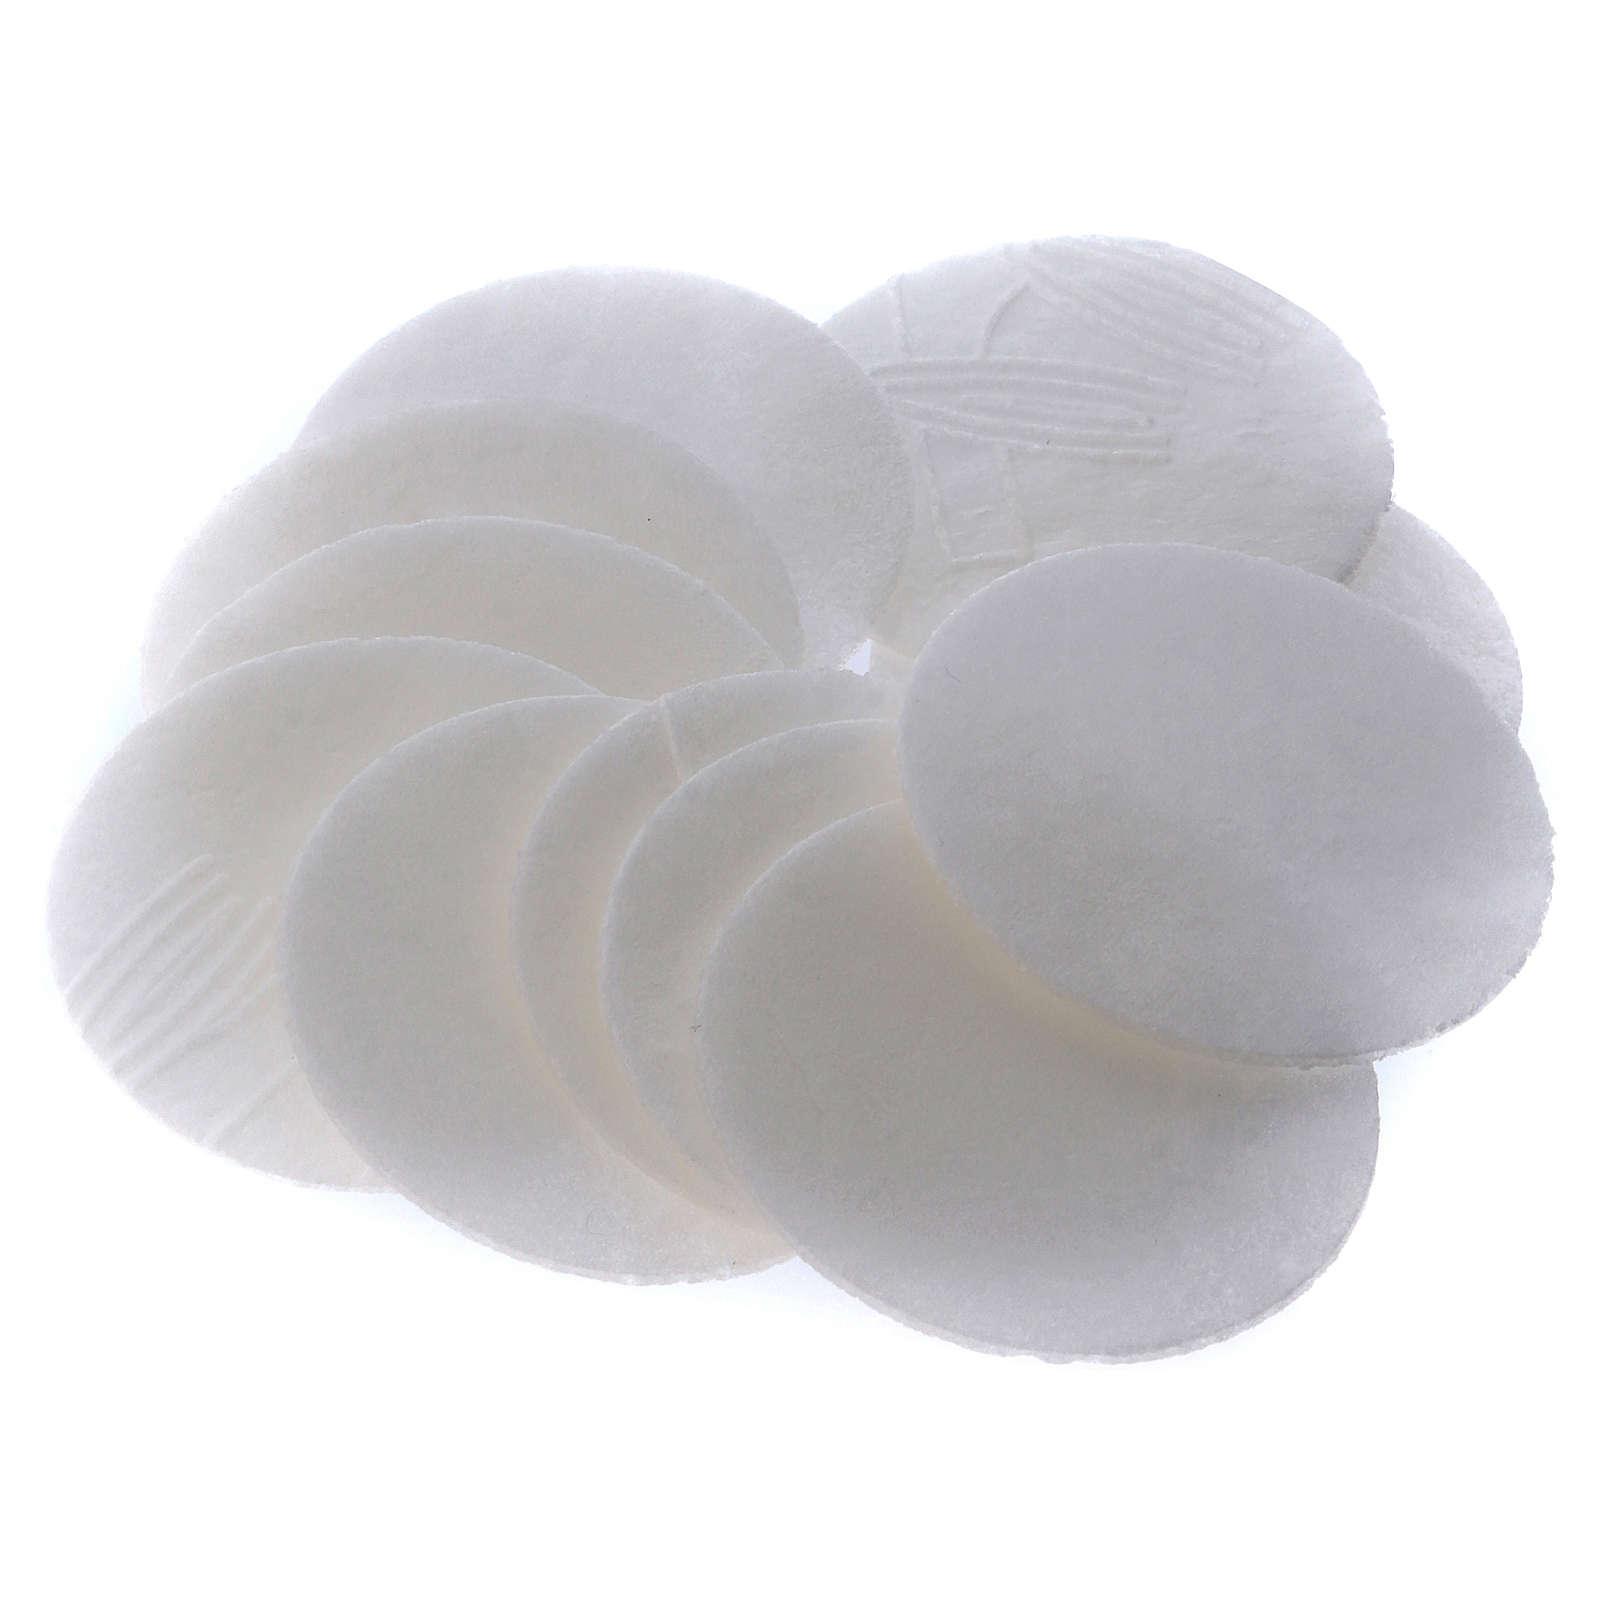 Glutenfreie Hostien mit einem Durchmesser von 3,5 cm 50 Stück 3